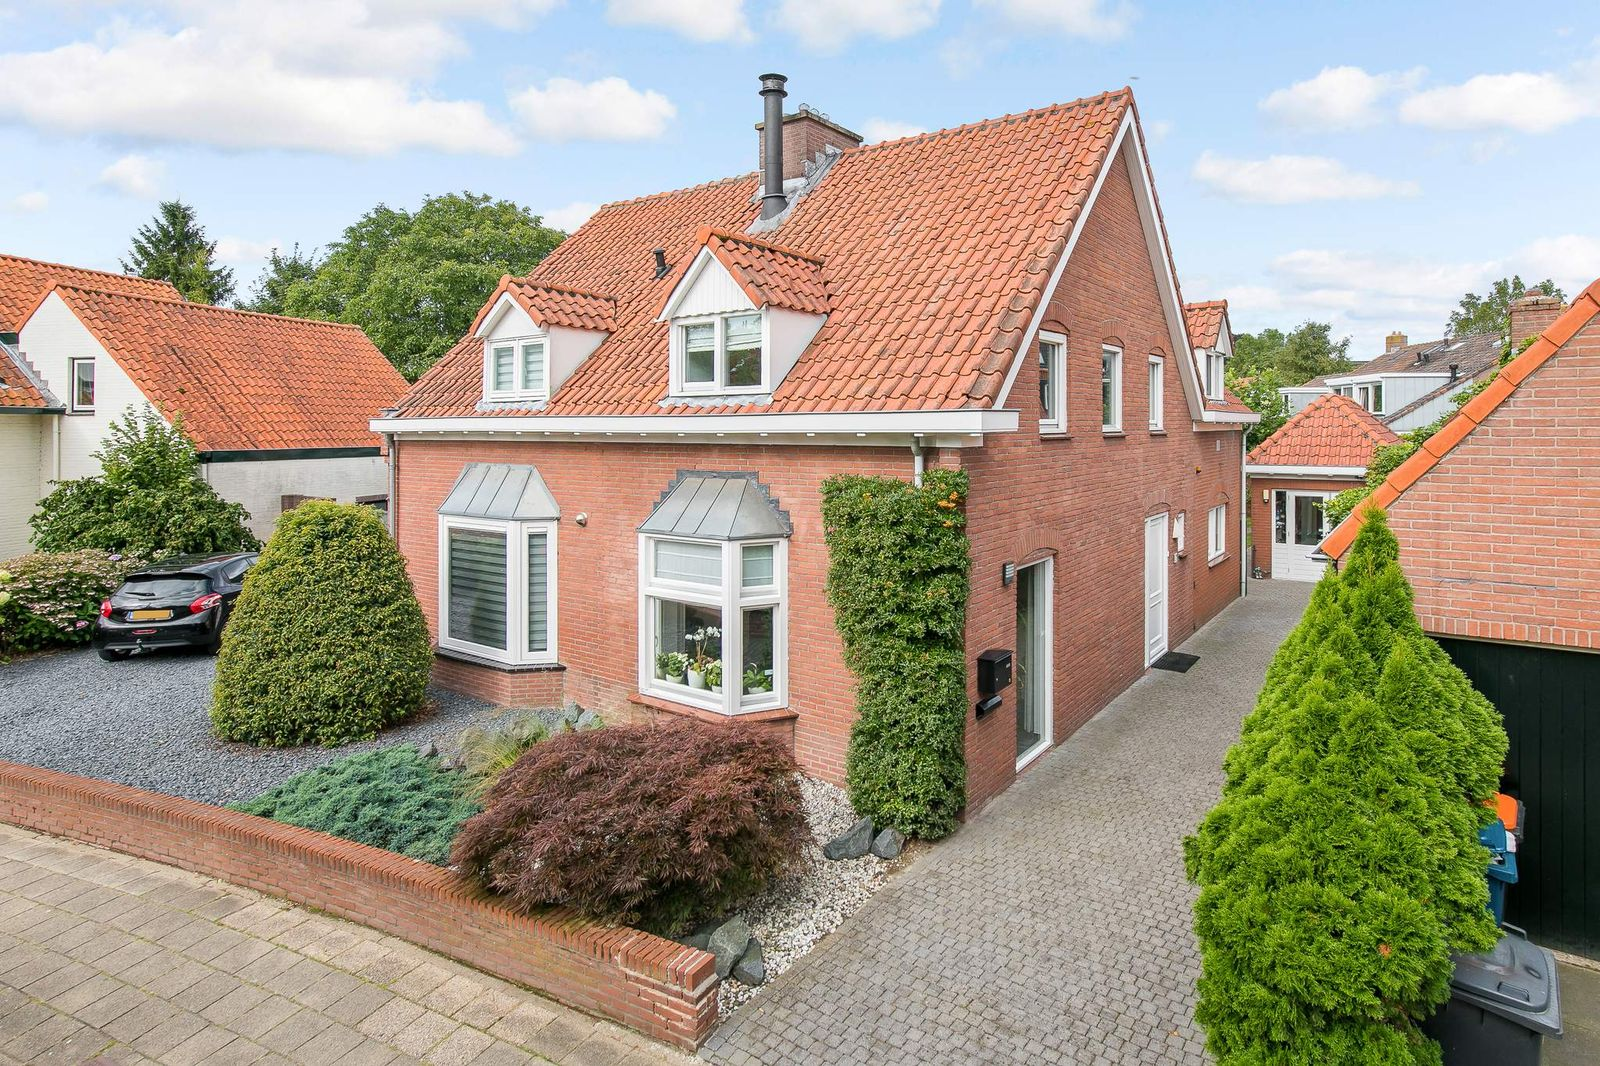 Lobbendijk 14, Houten